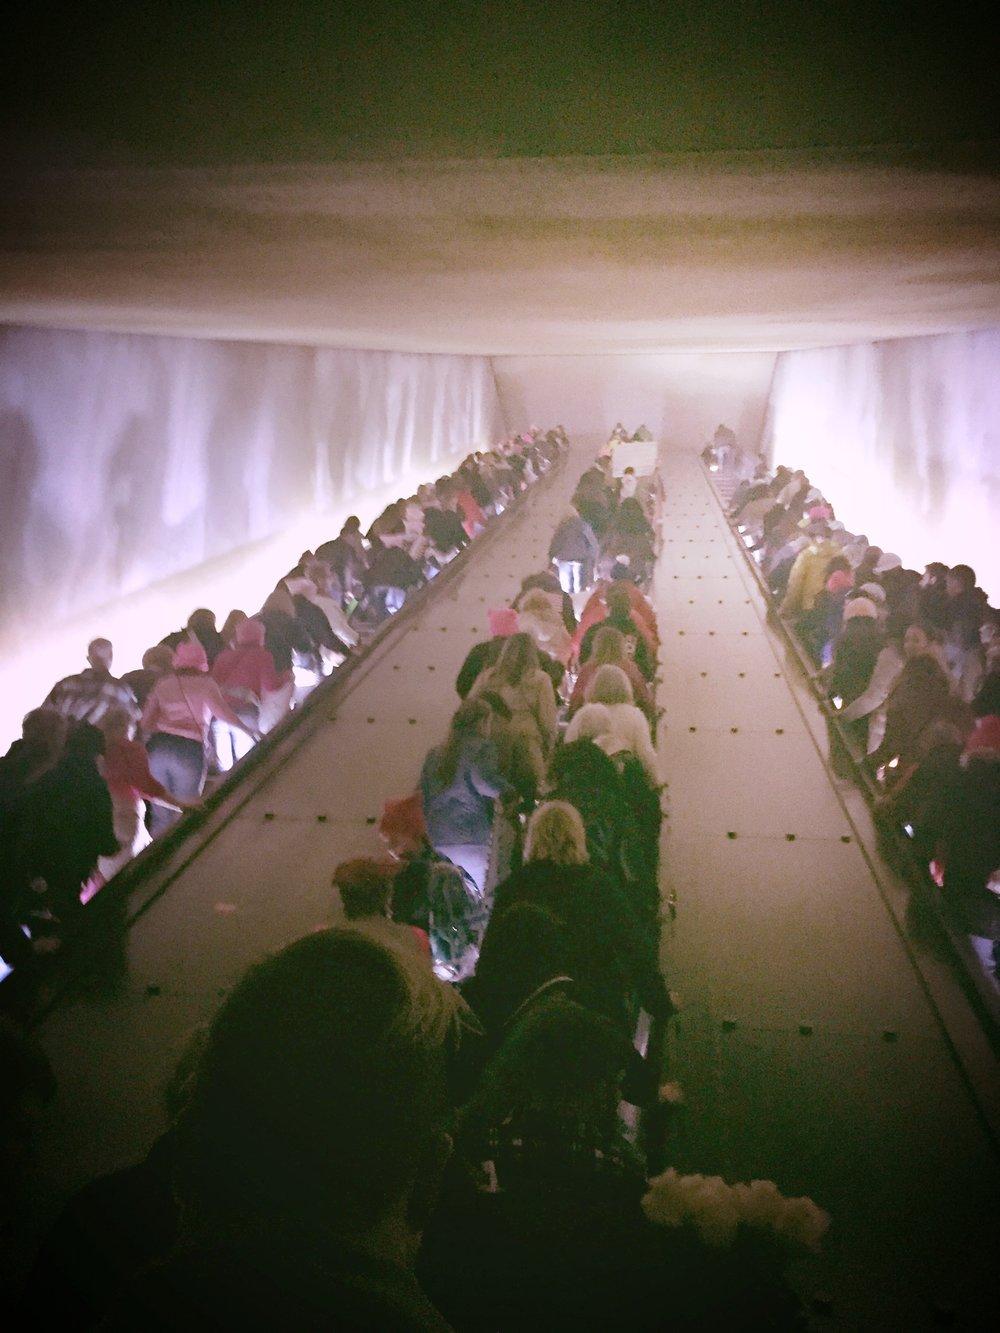 overloaded subways